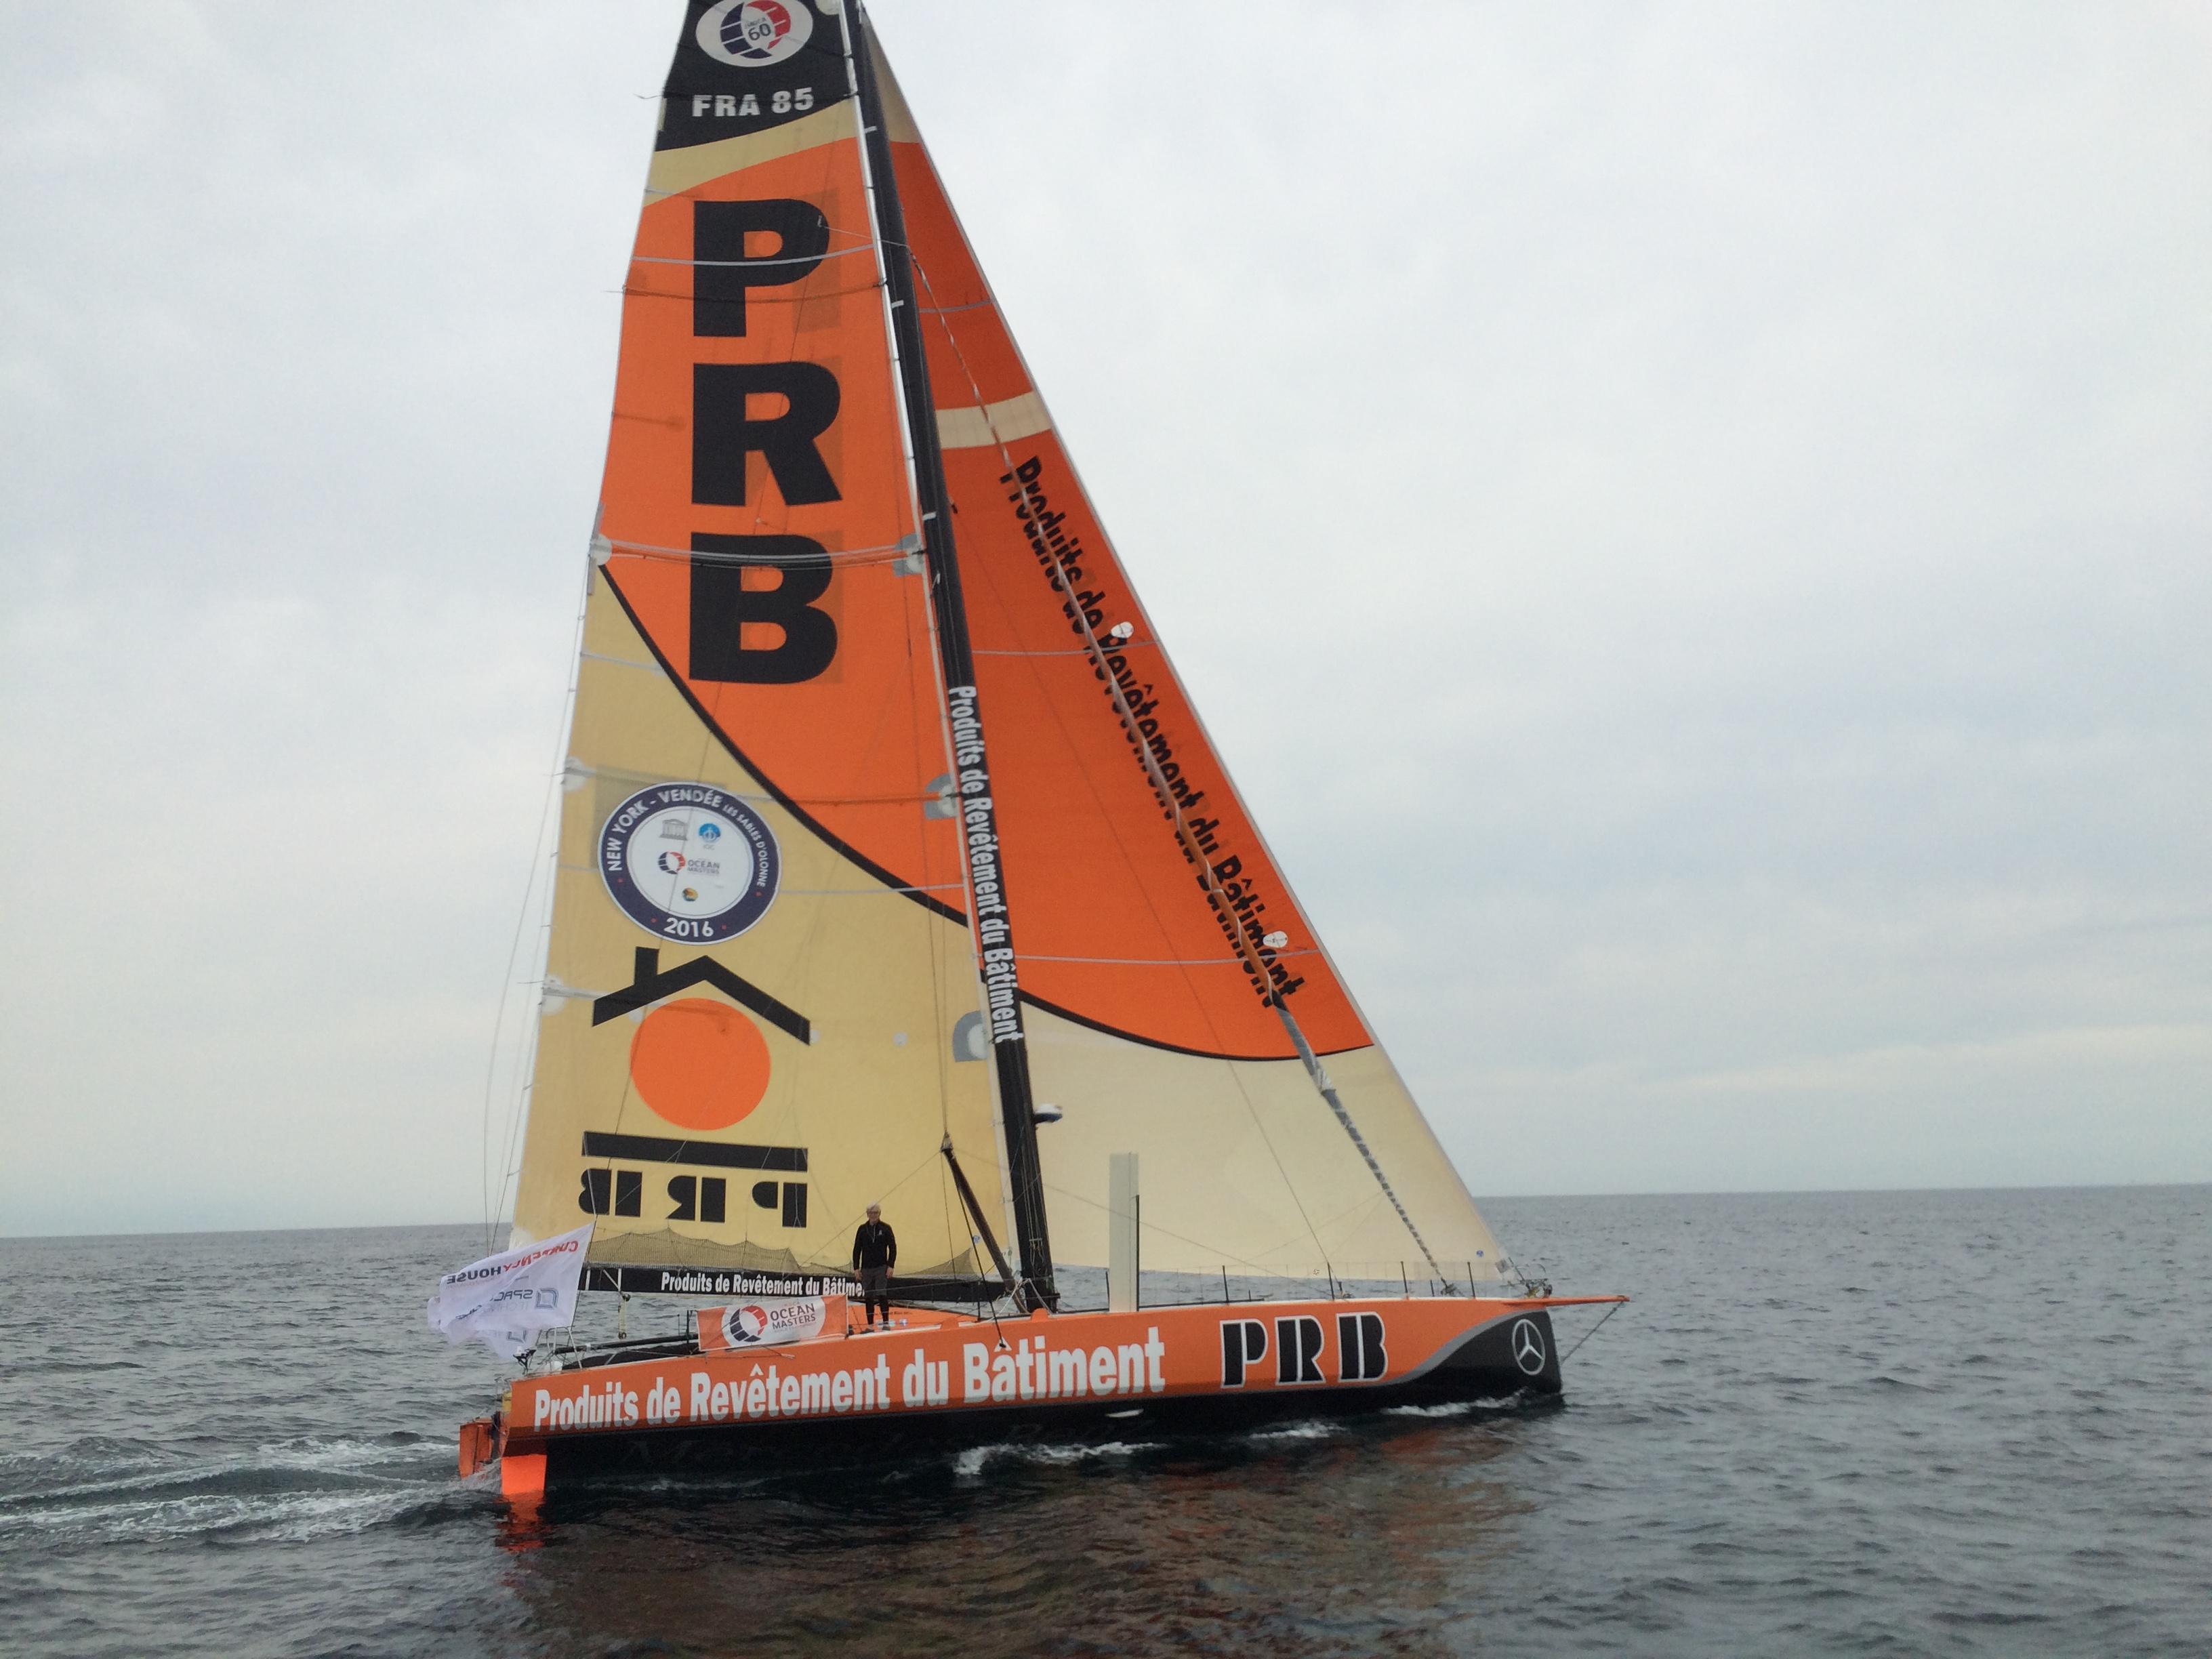 Une dernière révision pour le bateau PRB avant le Vendée Globe apercu